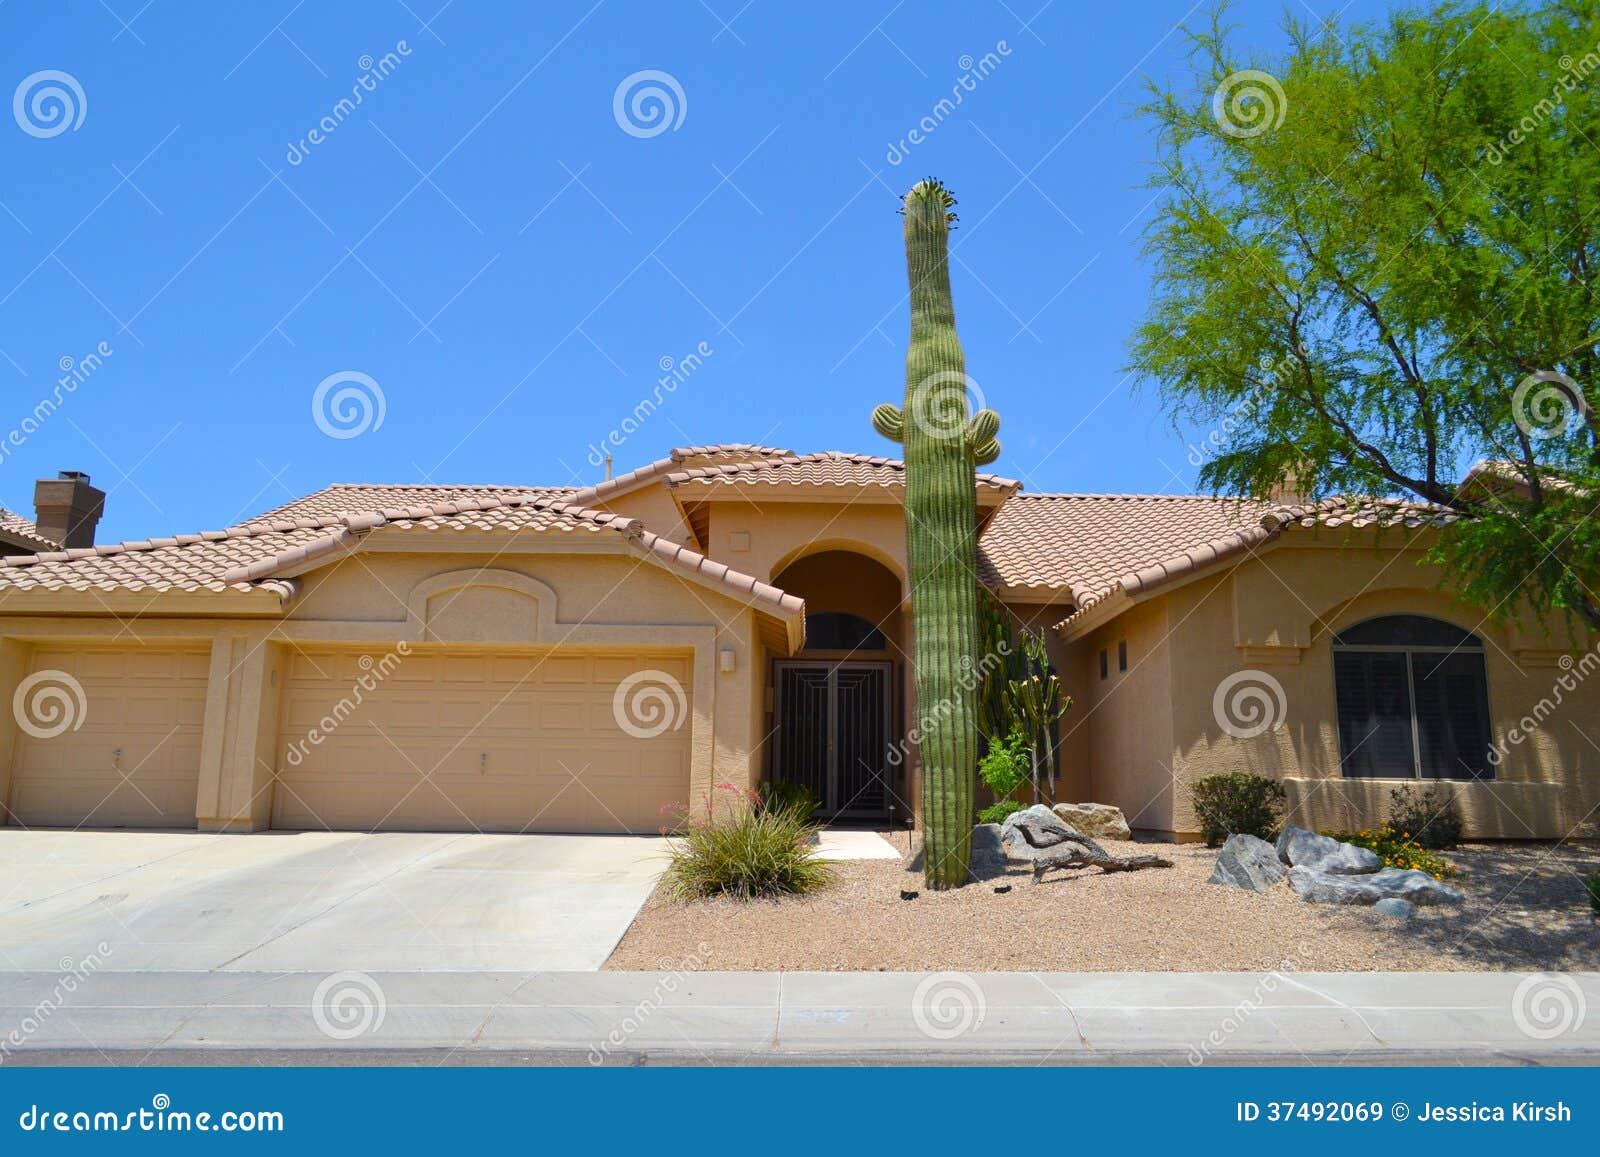 Maison espagnole du sud ouest toute neuve de r ve de l for Les maisons du sud